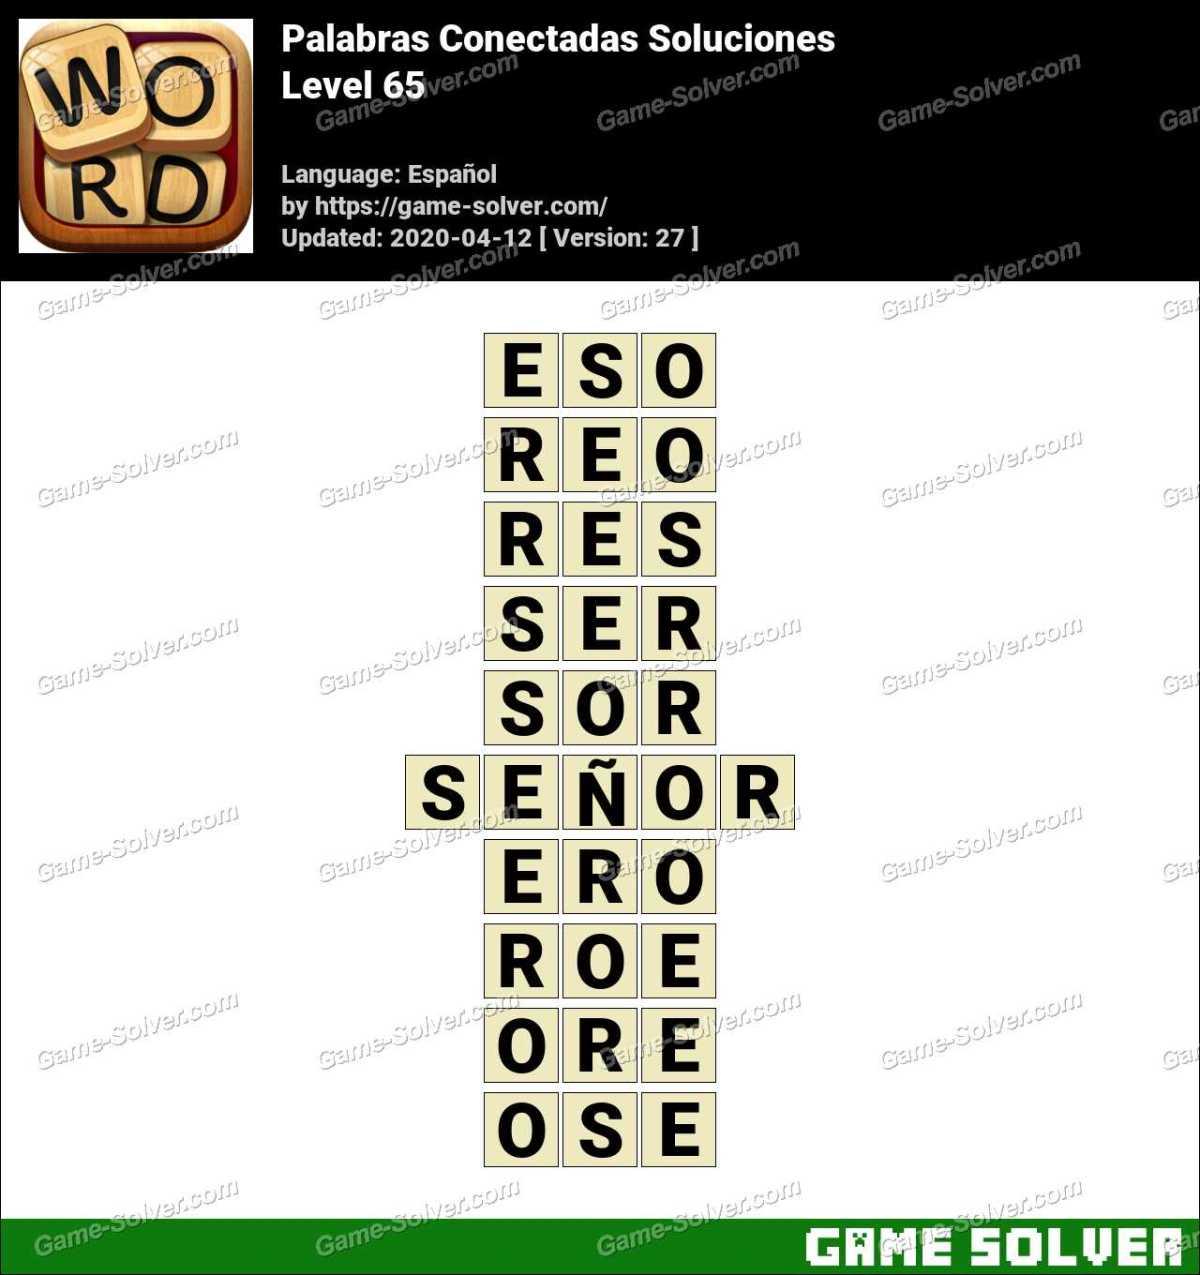 Palabras Conectadas Nivel 65 Soluciones